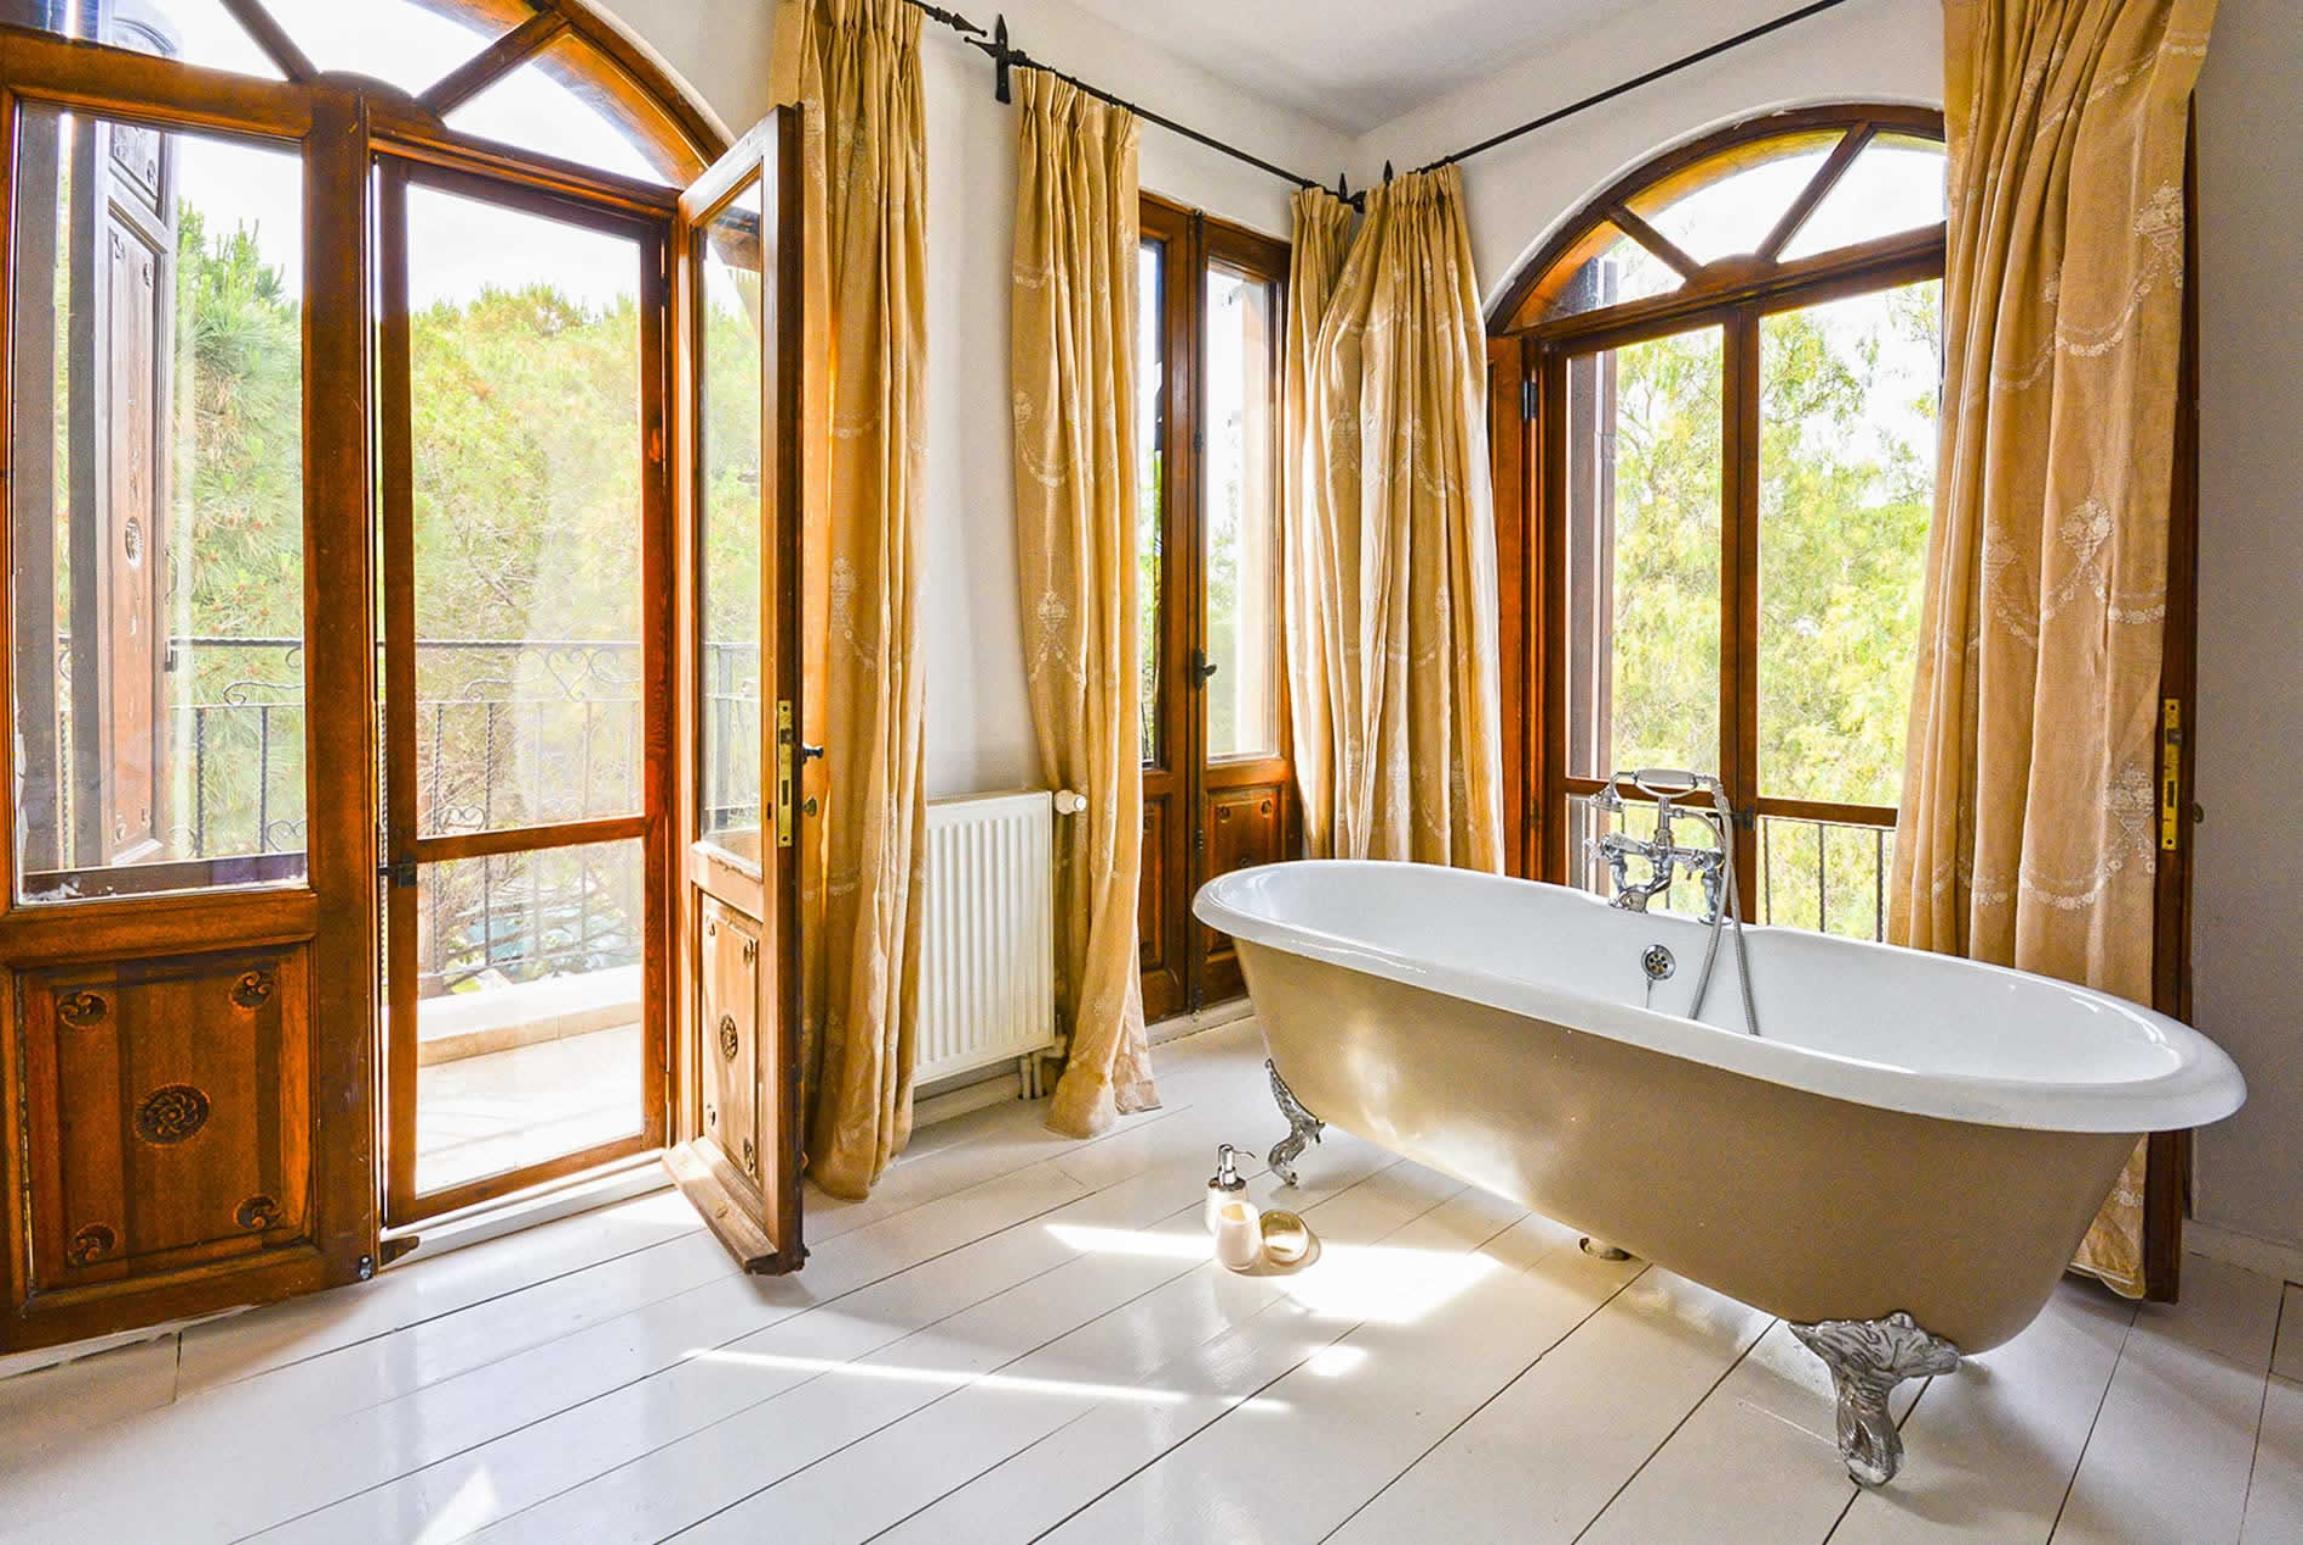 Ferienhaus Luca (2744562), Turgutreis, , Ägäisregion, Türkei, Bild 7